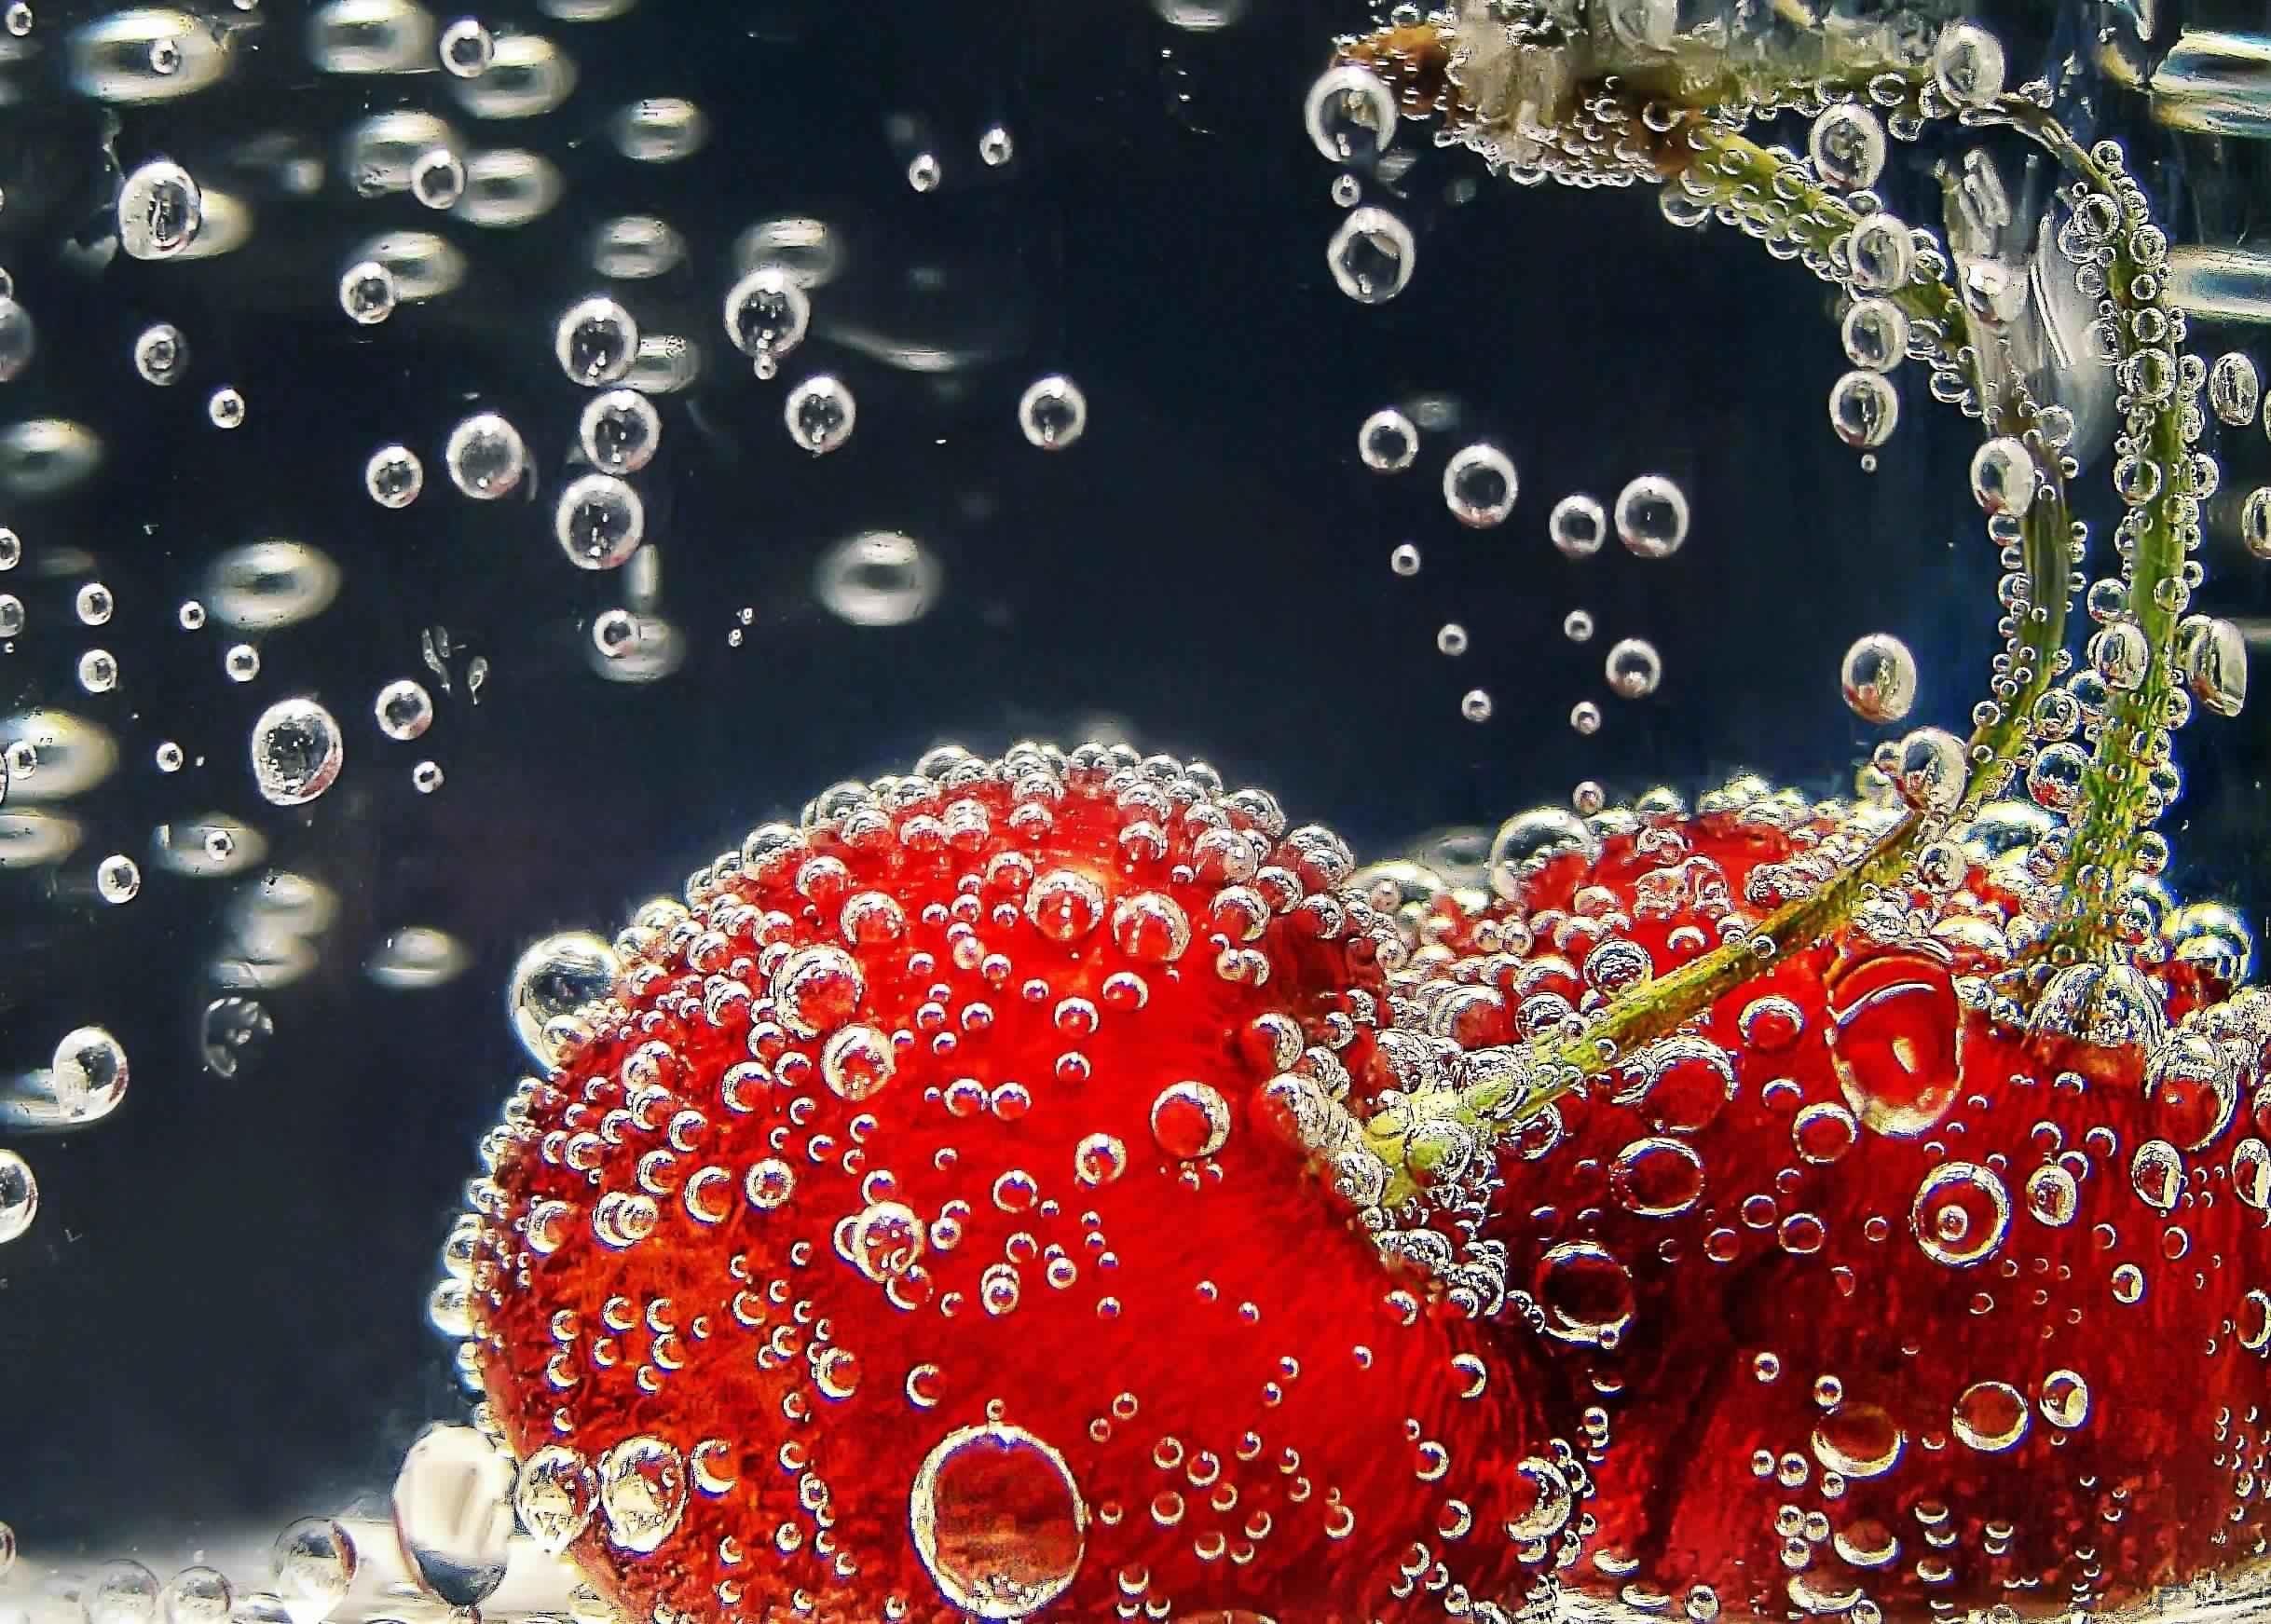 خلفية تفاح احمر جميل